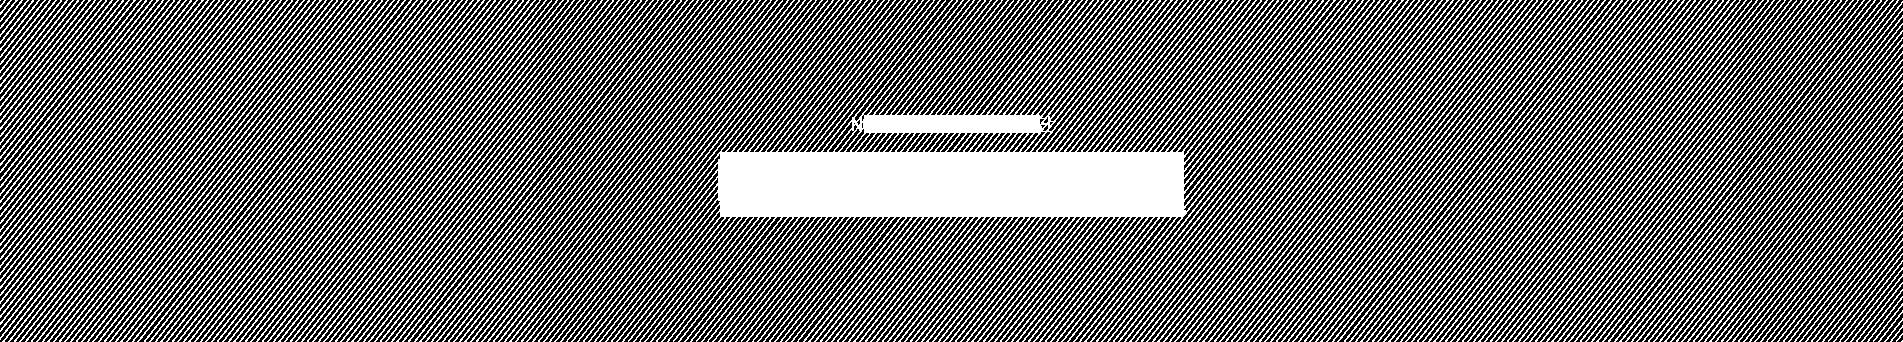 미래검진_font